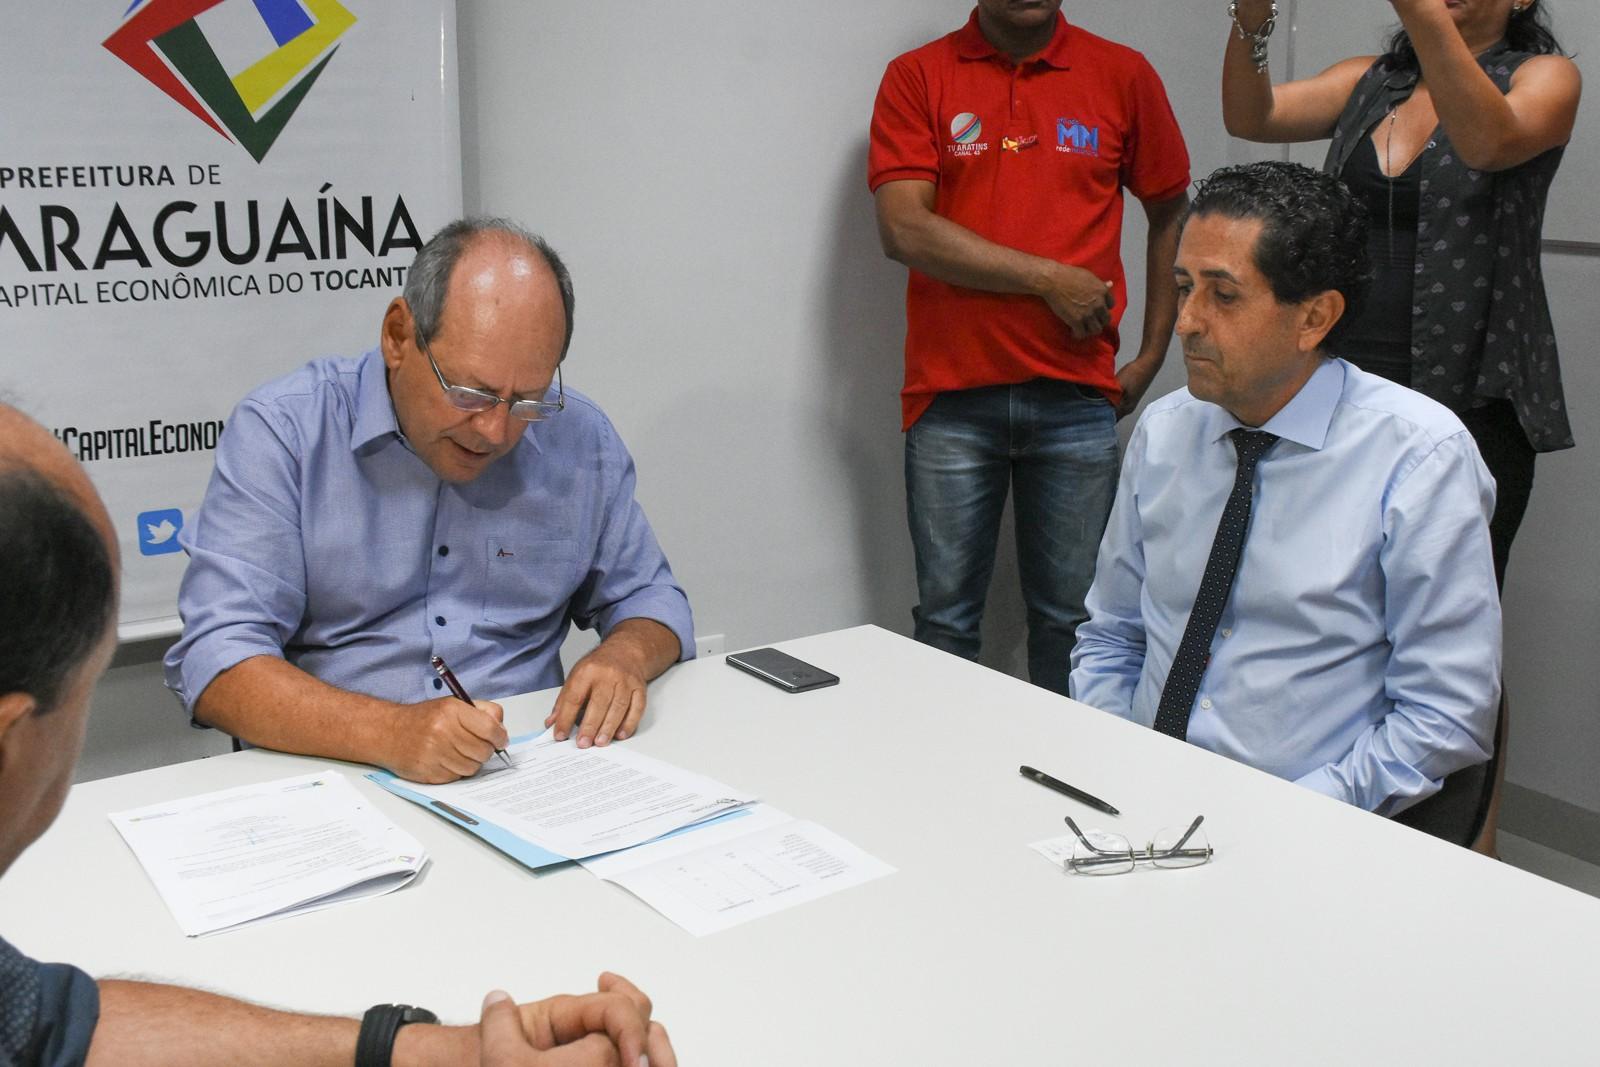 Prefeitura de Araguaína sanciona lei de doação de terreno para construção de nova sede das Promotorias de Justiça